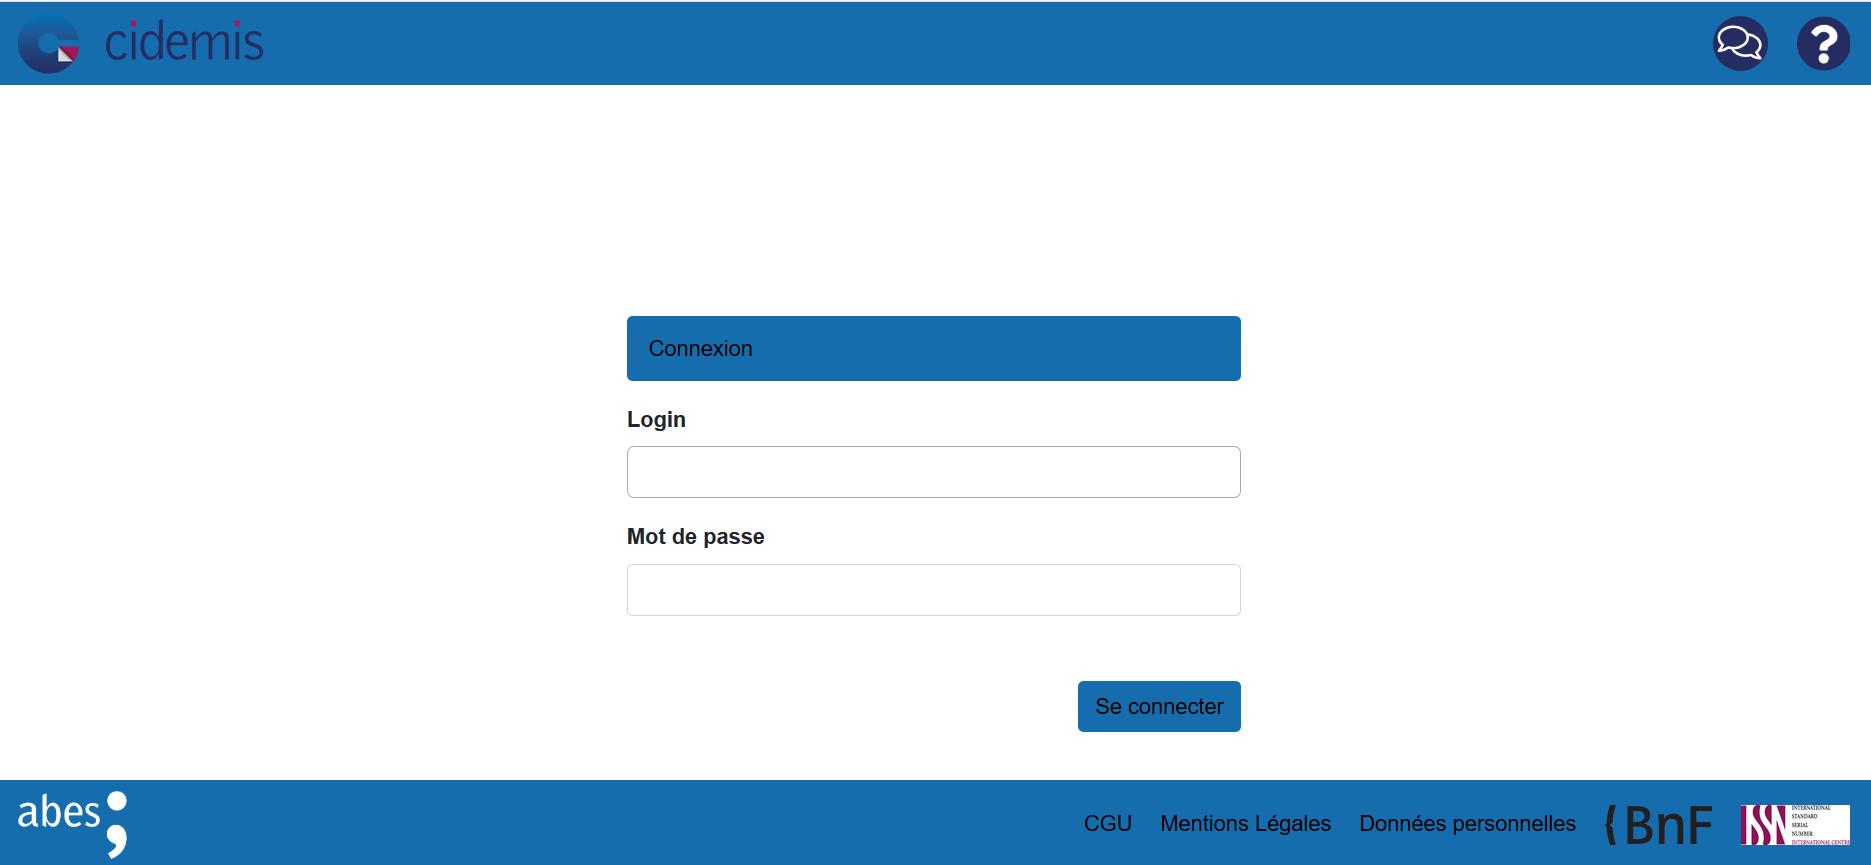 Capture écran de la page d'accueil de Cidemis